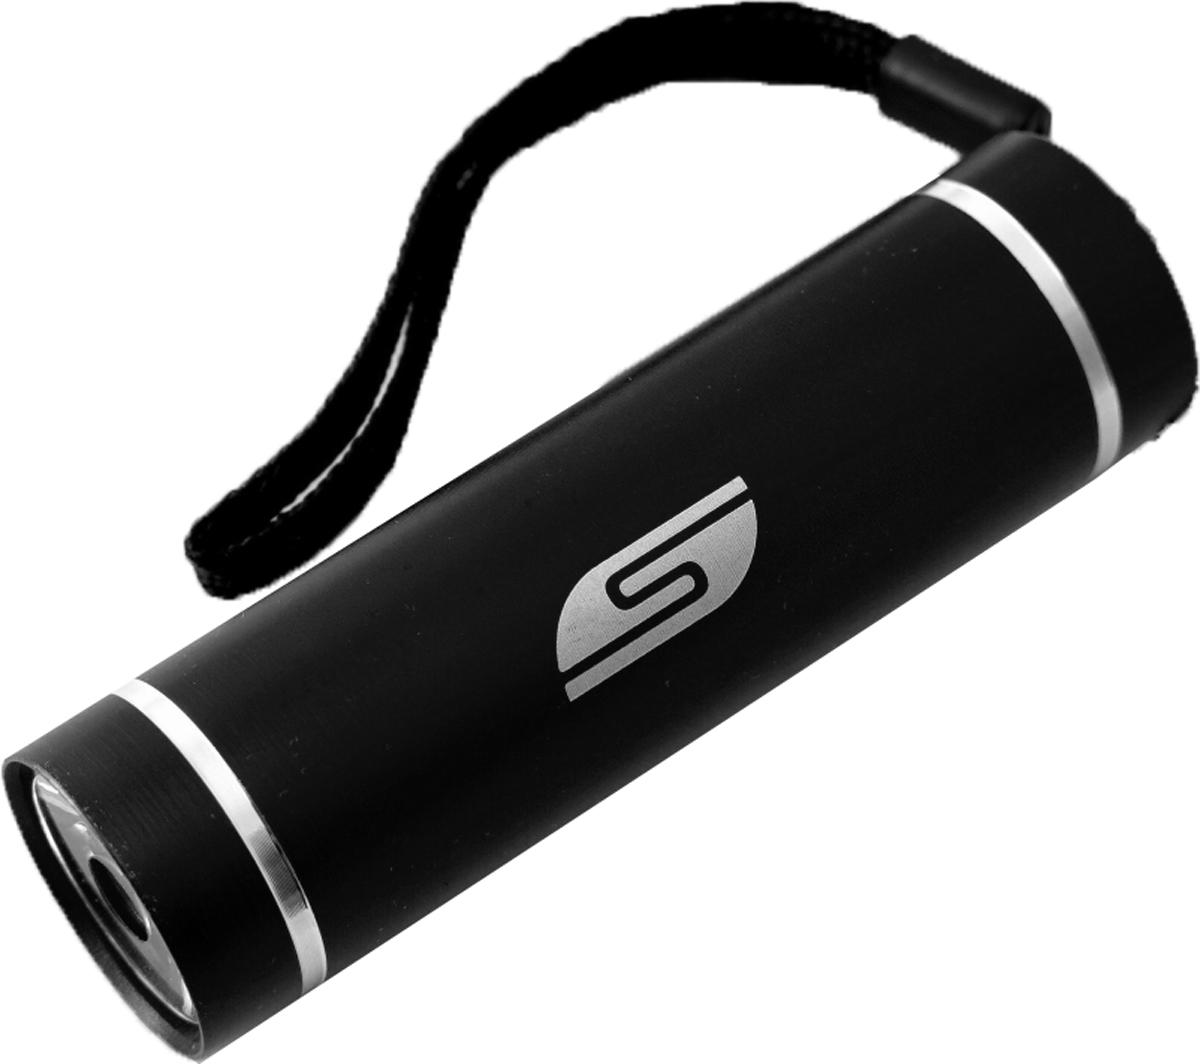 Фонарь SolarisT-5, ручной, цвет: черный3108blackКарманный фонарь, подходит для ежедневного ношения. Фонарь выполнен из качественного алюминия с защитным анодированием корпуса. Влагозащищённый - стандарт IPX6. Фонарь снабжен современным светодиодом мощностью 1 Ватт. Мощность светового потока 60 люмен, дальность эффективного излучения света 100 метров. Благодаря длине всего 9 сантиметров и малому весу фонарь идеально подходит для ежедневного ношения в качестве карманного. Кнопка включения в хвостовой части фонаря утоплена в корпус, что исключает случайное нажатие в кармане. Коллиматорная линза направленного действия и светодиод мощностью 1 Ватт обеспечивают фонарю очень приличную дальность освещения 100 метров. Фонарь может применяться в качестве запасного туристического фонаря и источника света для бытовых нужд. Особенности конструкции и эксплуатации фонаря SOLARIS T-5: - Один режим работы фонаря. - Кнопка включения расположена в хвостовой части фонаря. - Фонарь работает от 3-х батарей ААА (в комплект не входят). Кассета для батареек прилагается, находится внутри фонаря. - Время работы фонаря от 3-х батарей ААА: 5 часов. Размеры фонаря: 9 см х 2,6 см.